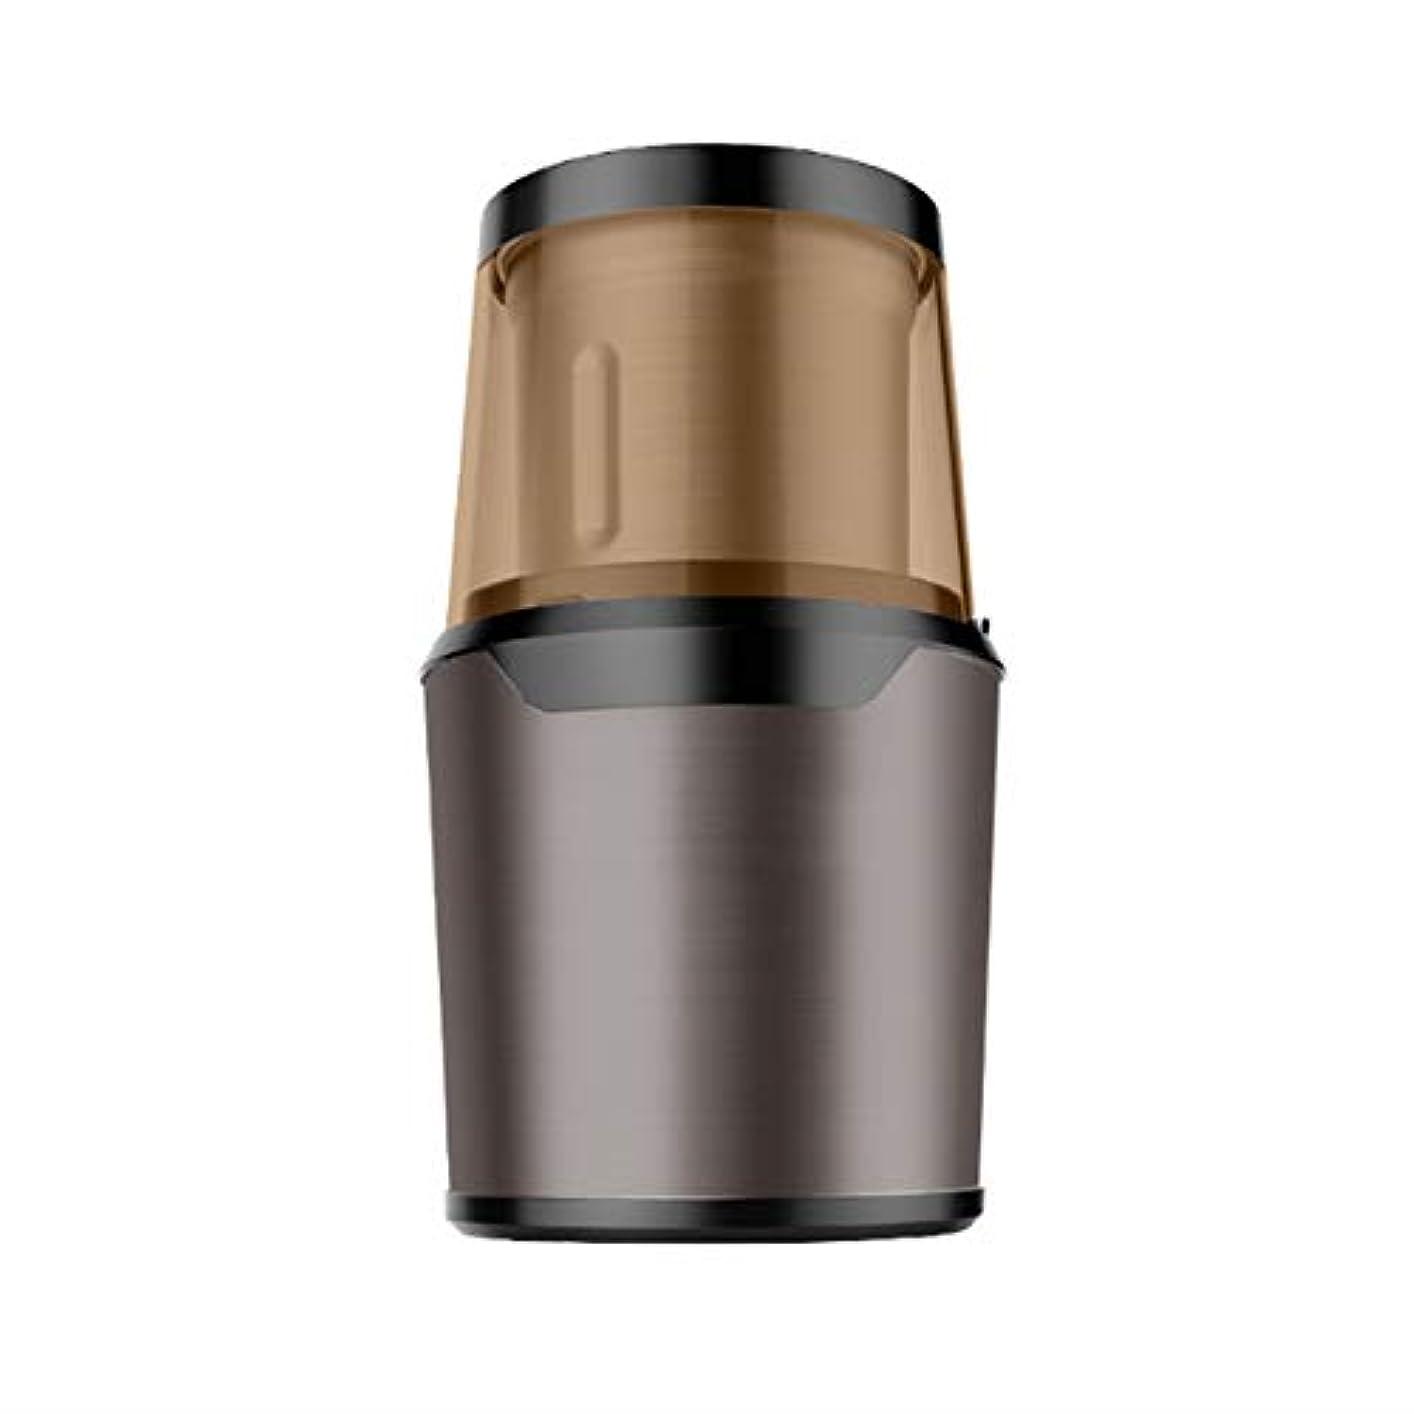 エールバン電話する300ワット電気コーヒーグラインダー多機能大容量コーヒー豆ナッツスパイススパイス穀物バニラグラインダー取り外し可能なステンレス鋼